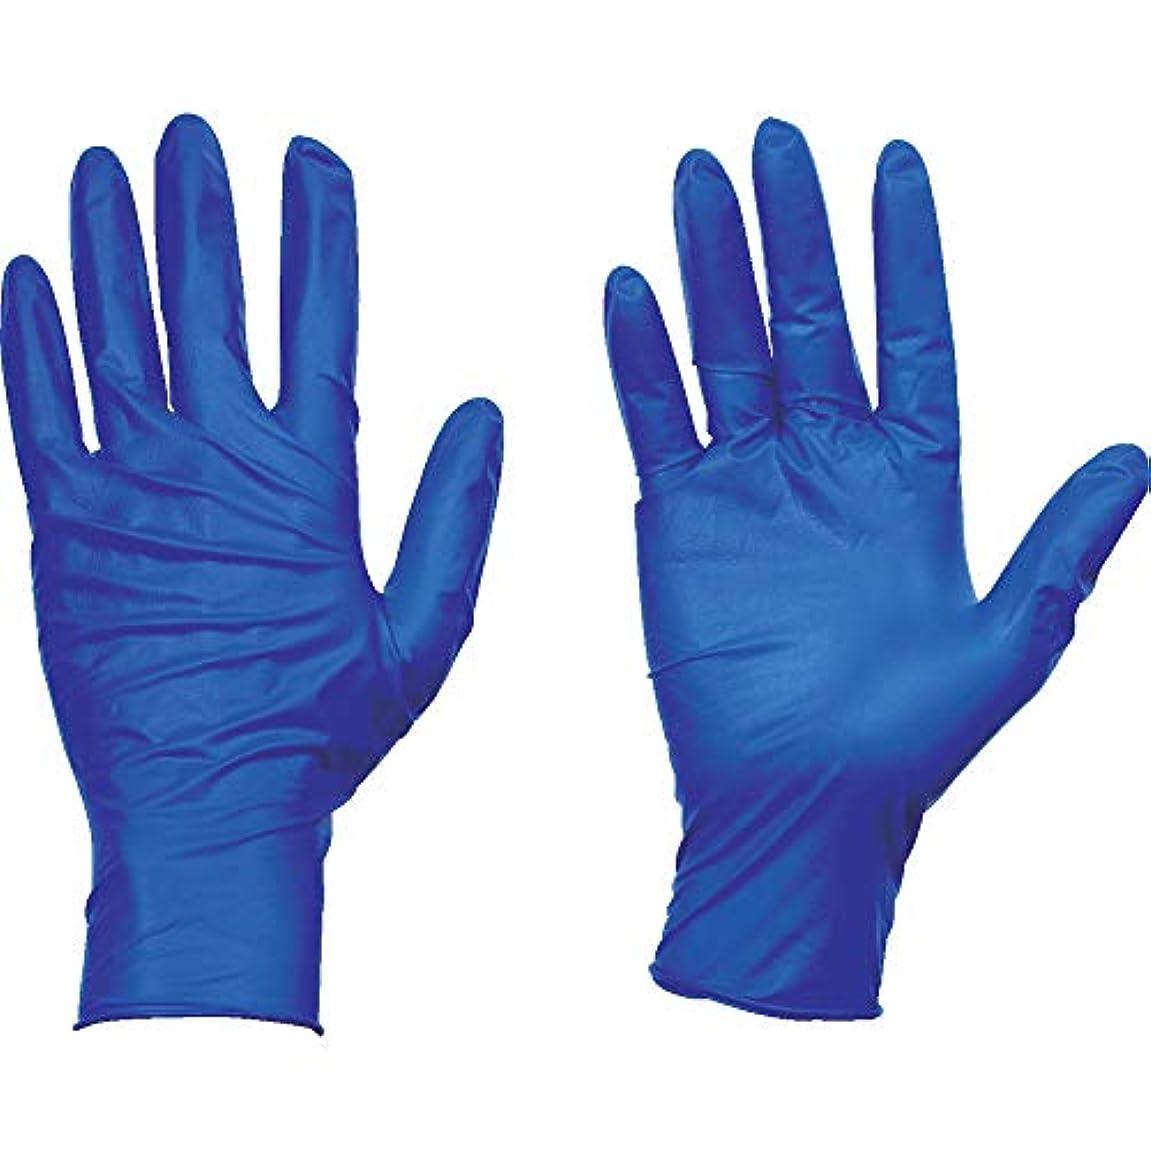 島ナビゲーション起こりやすいTRUSCO(トラスコ) 使い捨て天然ゴム手袋TGセーフ 0.12 粉無青S 100枚 TGNL12BS